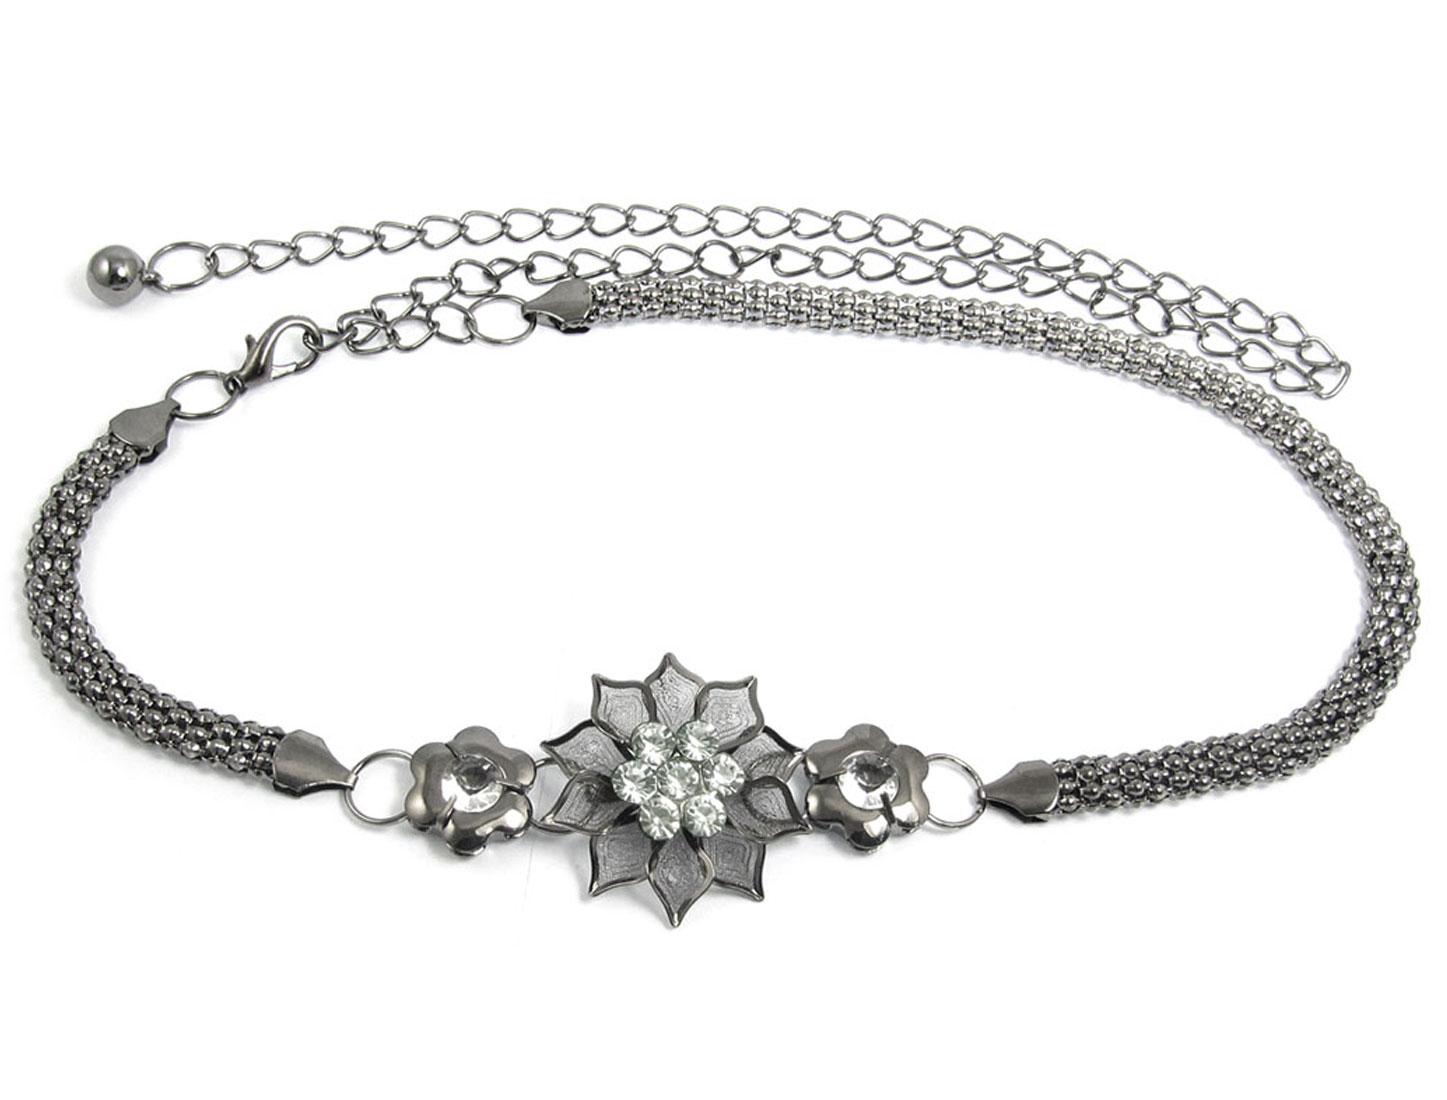 Lady Clear Faux Rhinestone Decor Gray Metal Flower Pattern Belt Chain